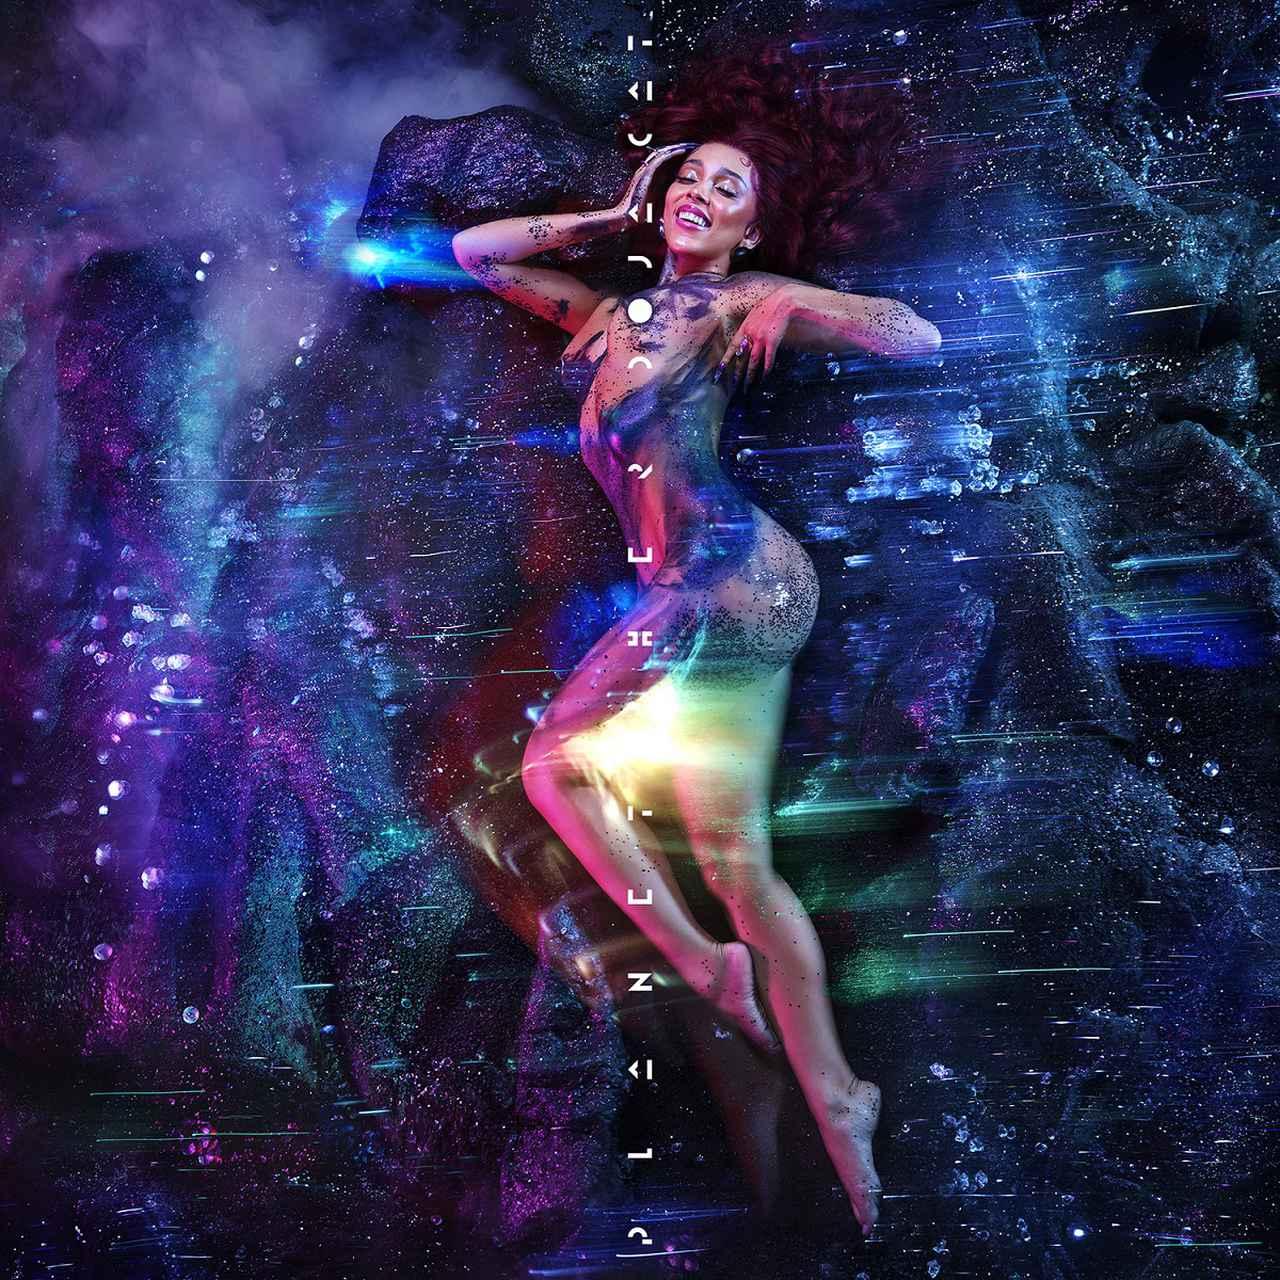 画像: ドージャ・キャットが『プラネット・ハー』をリリース